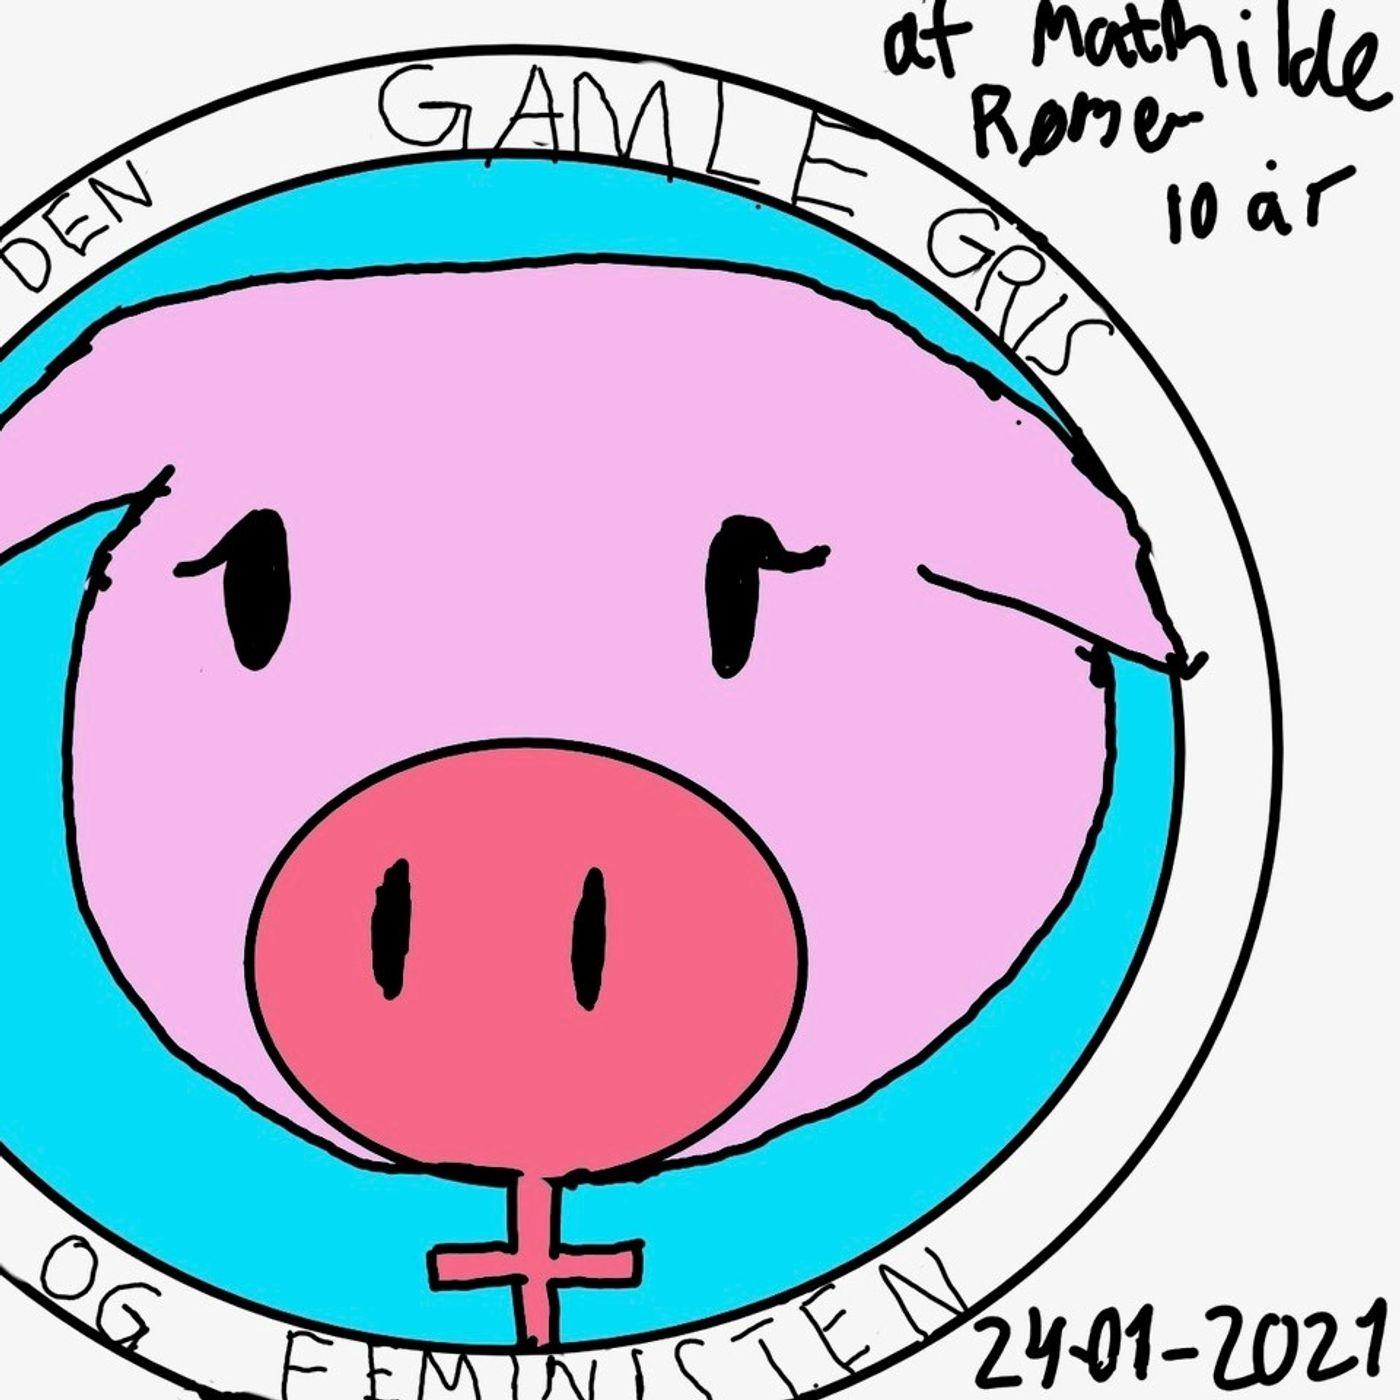 Den gamle gris og feministen (14) - Hadsk tale